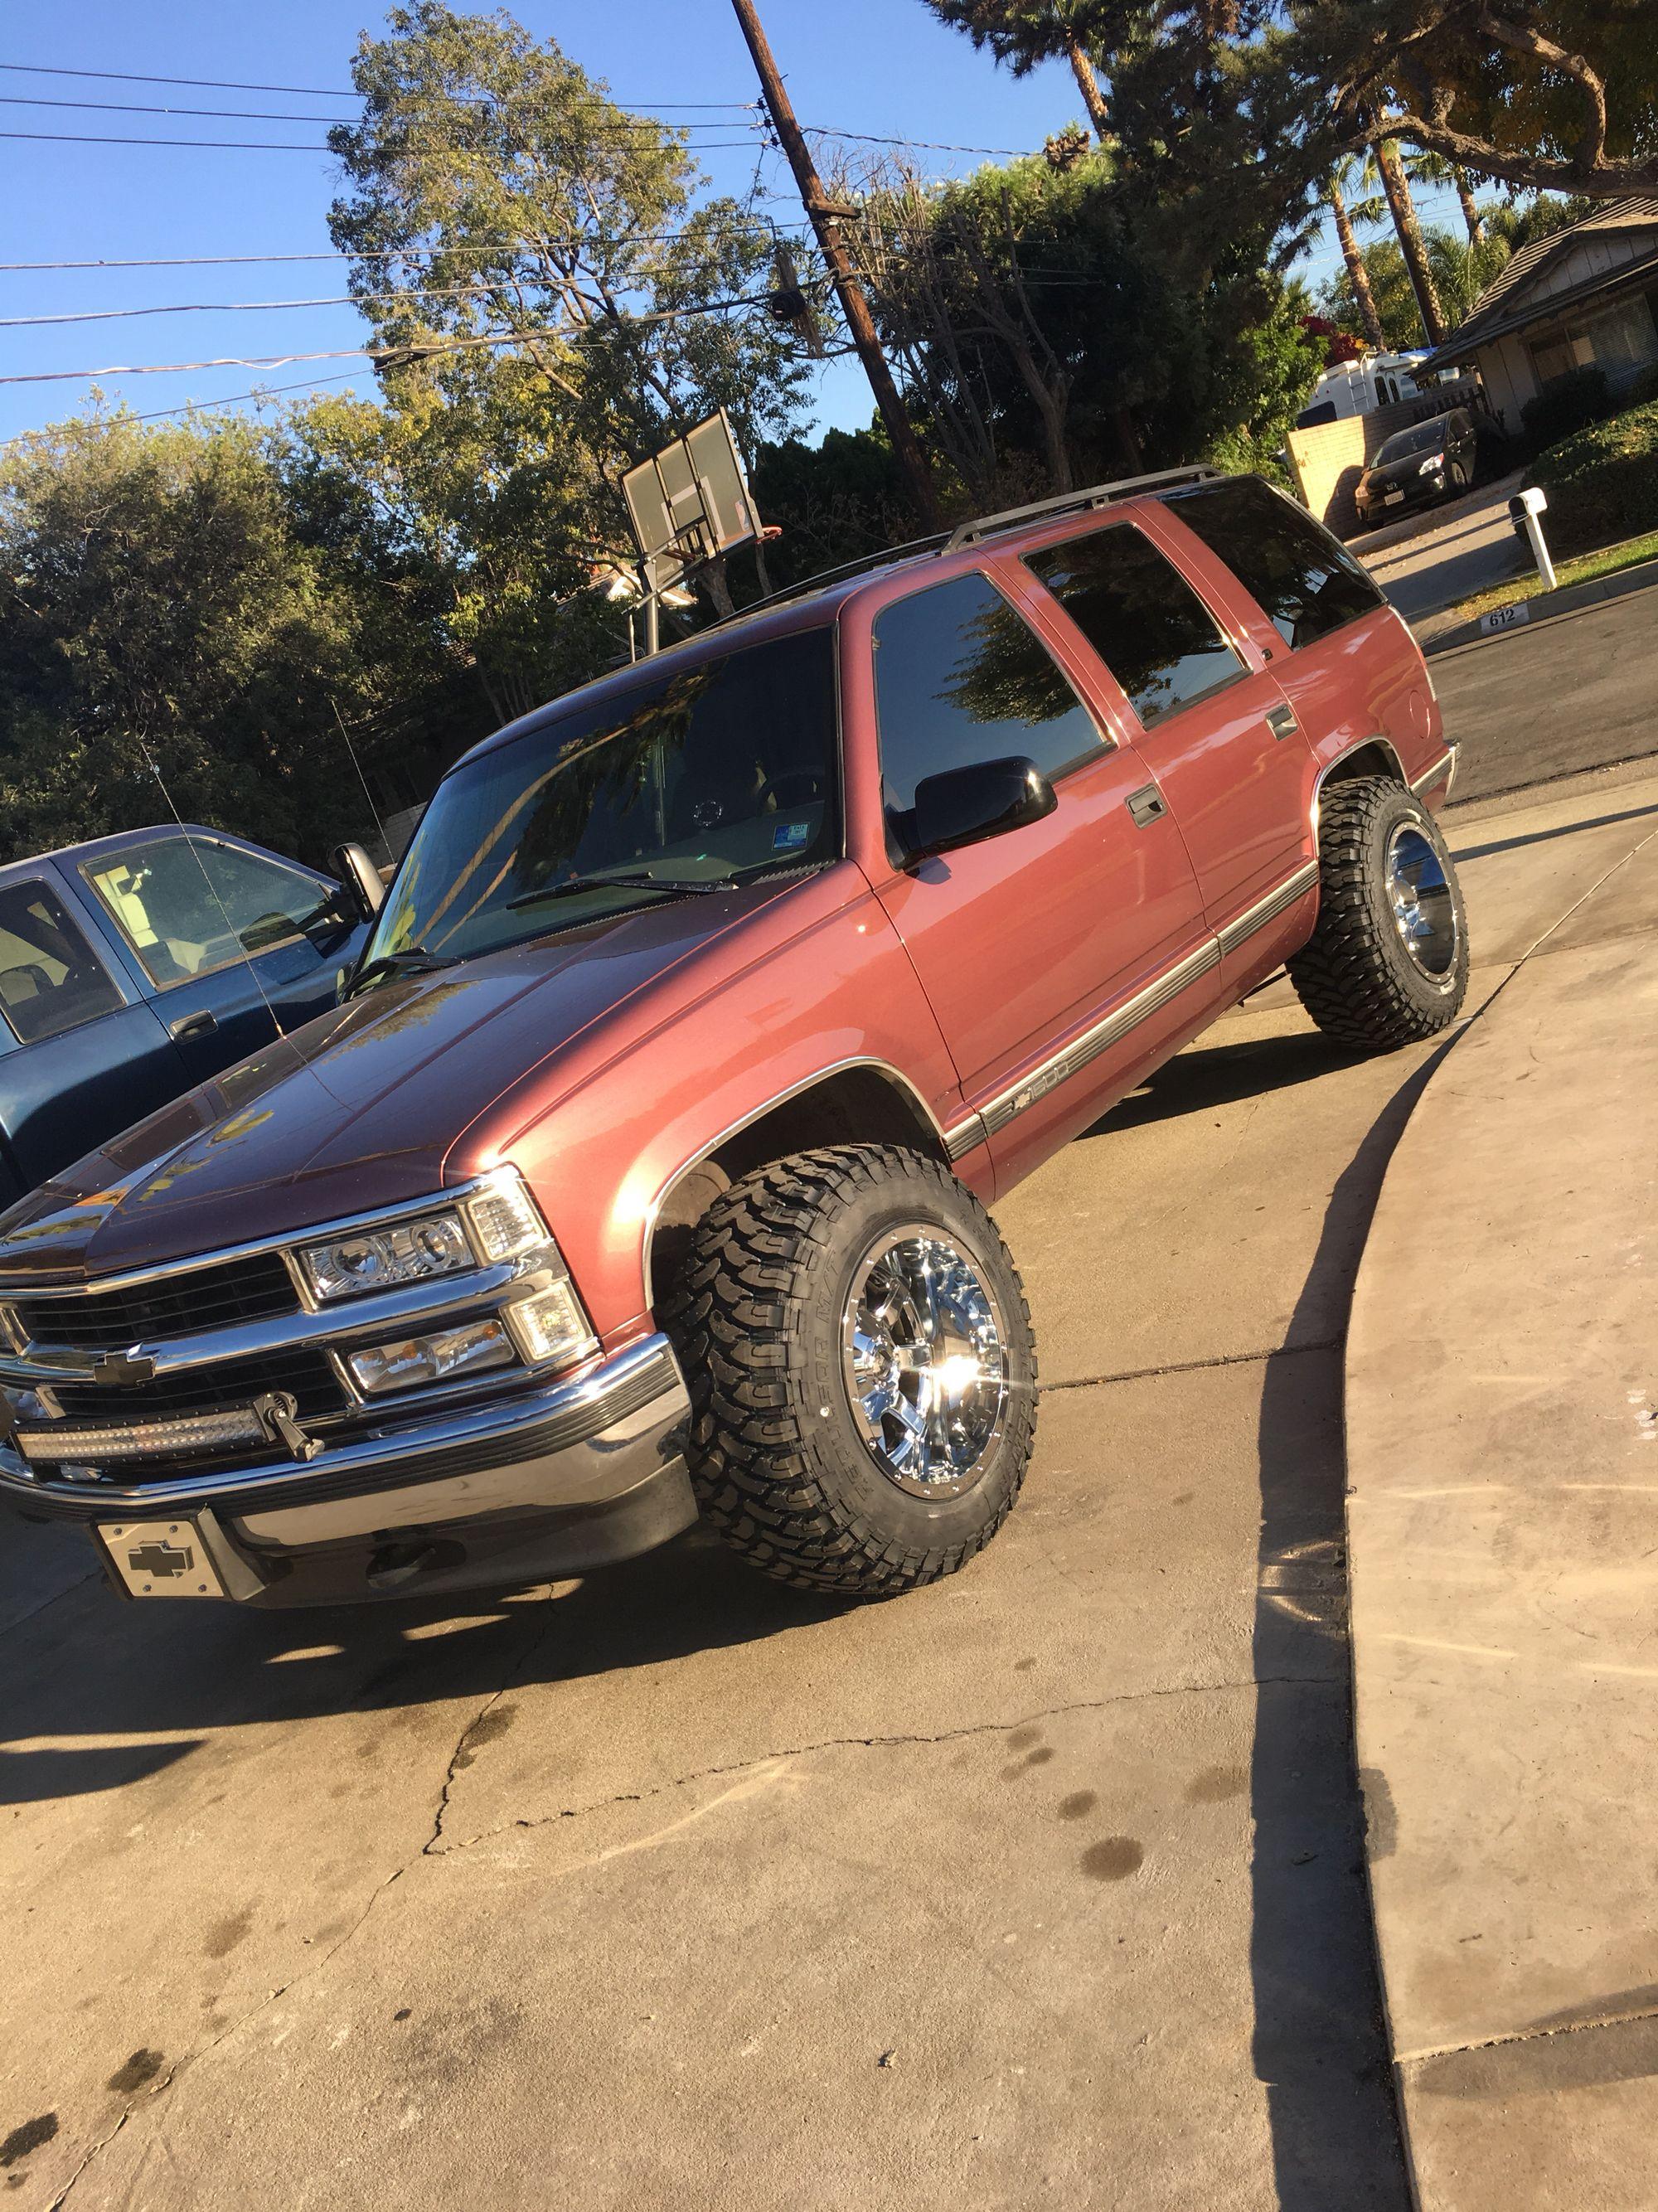 97 Chevrolet Tahoe Maroon Hoe Chevy Tahoe Chevrolet Tahoe